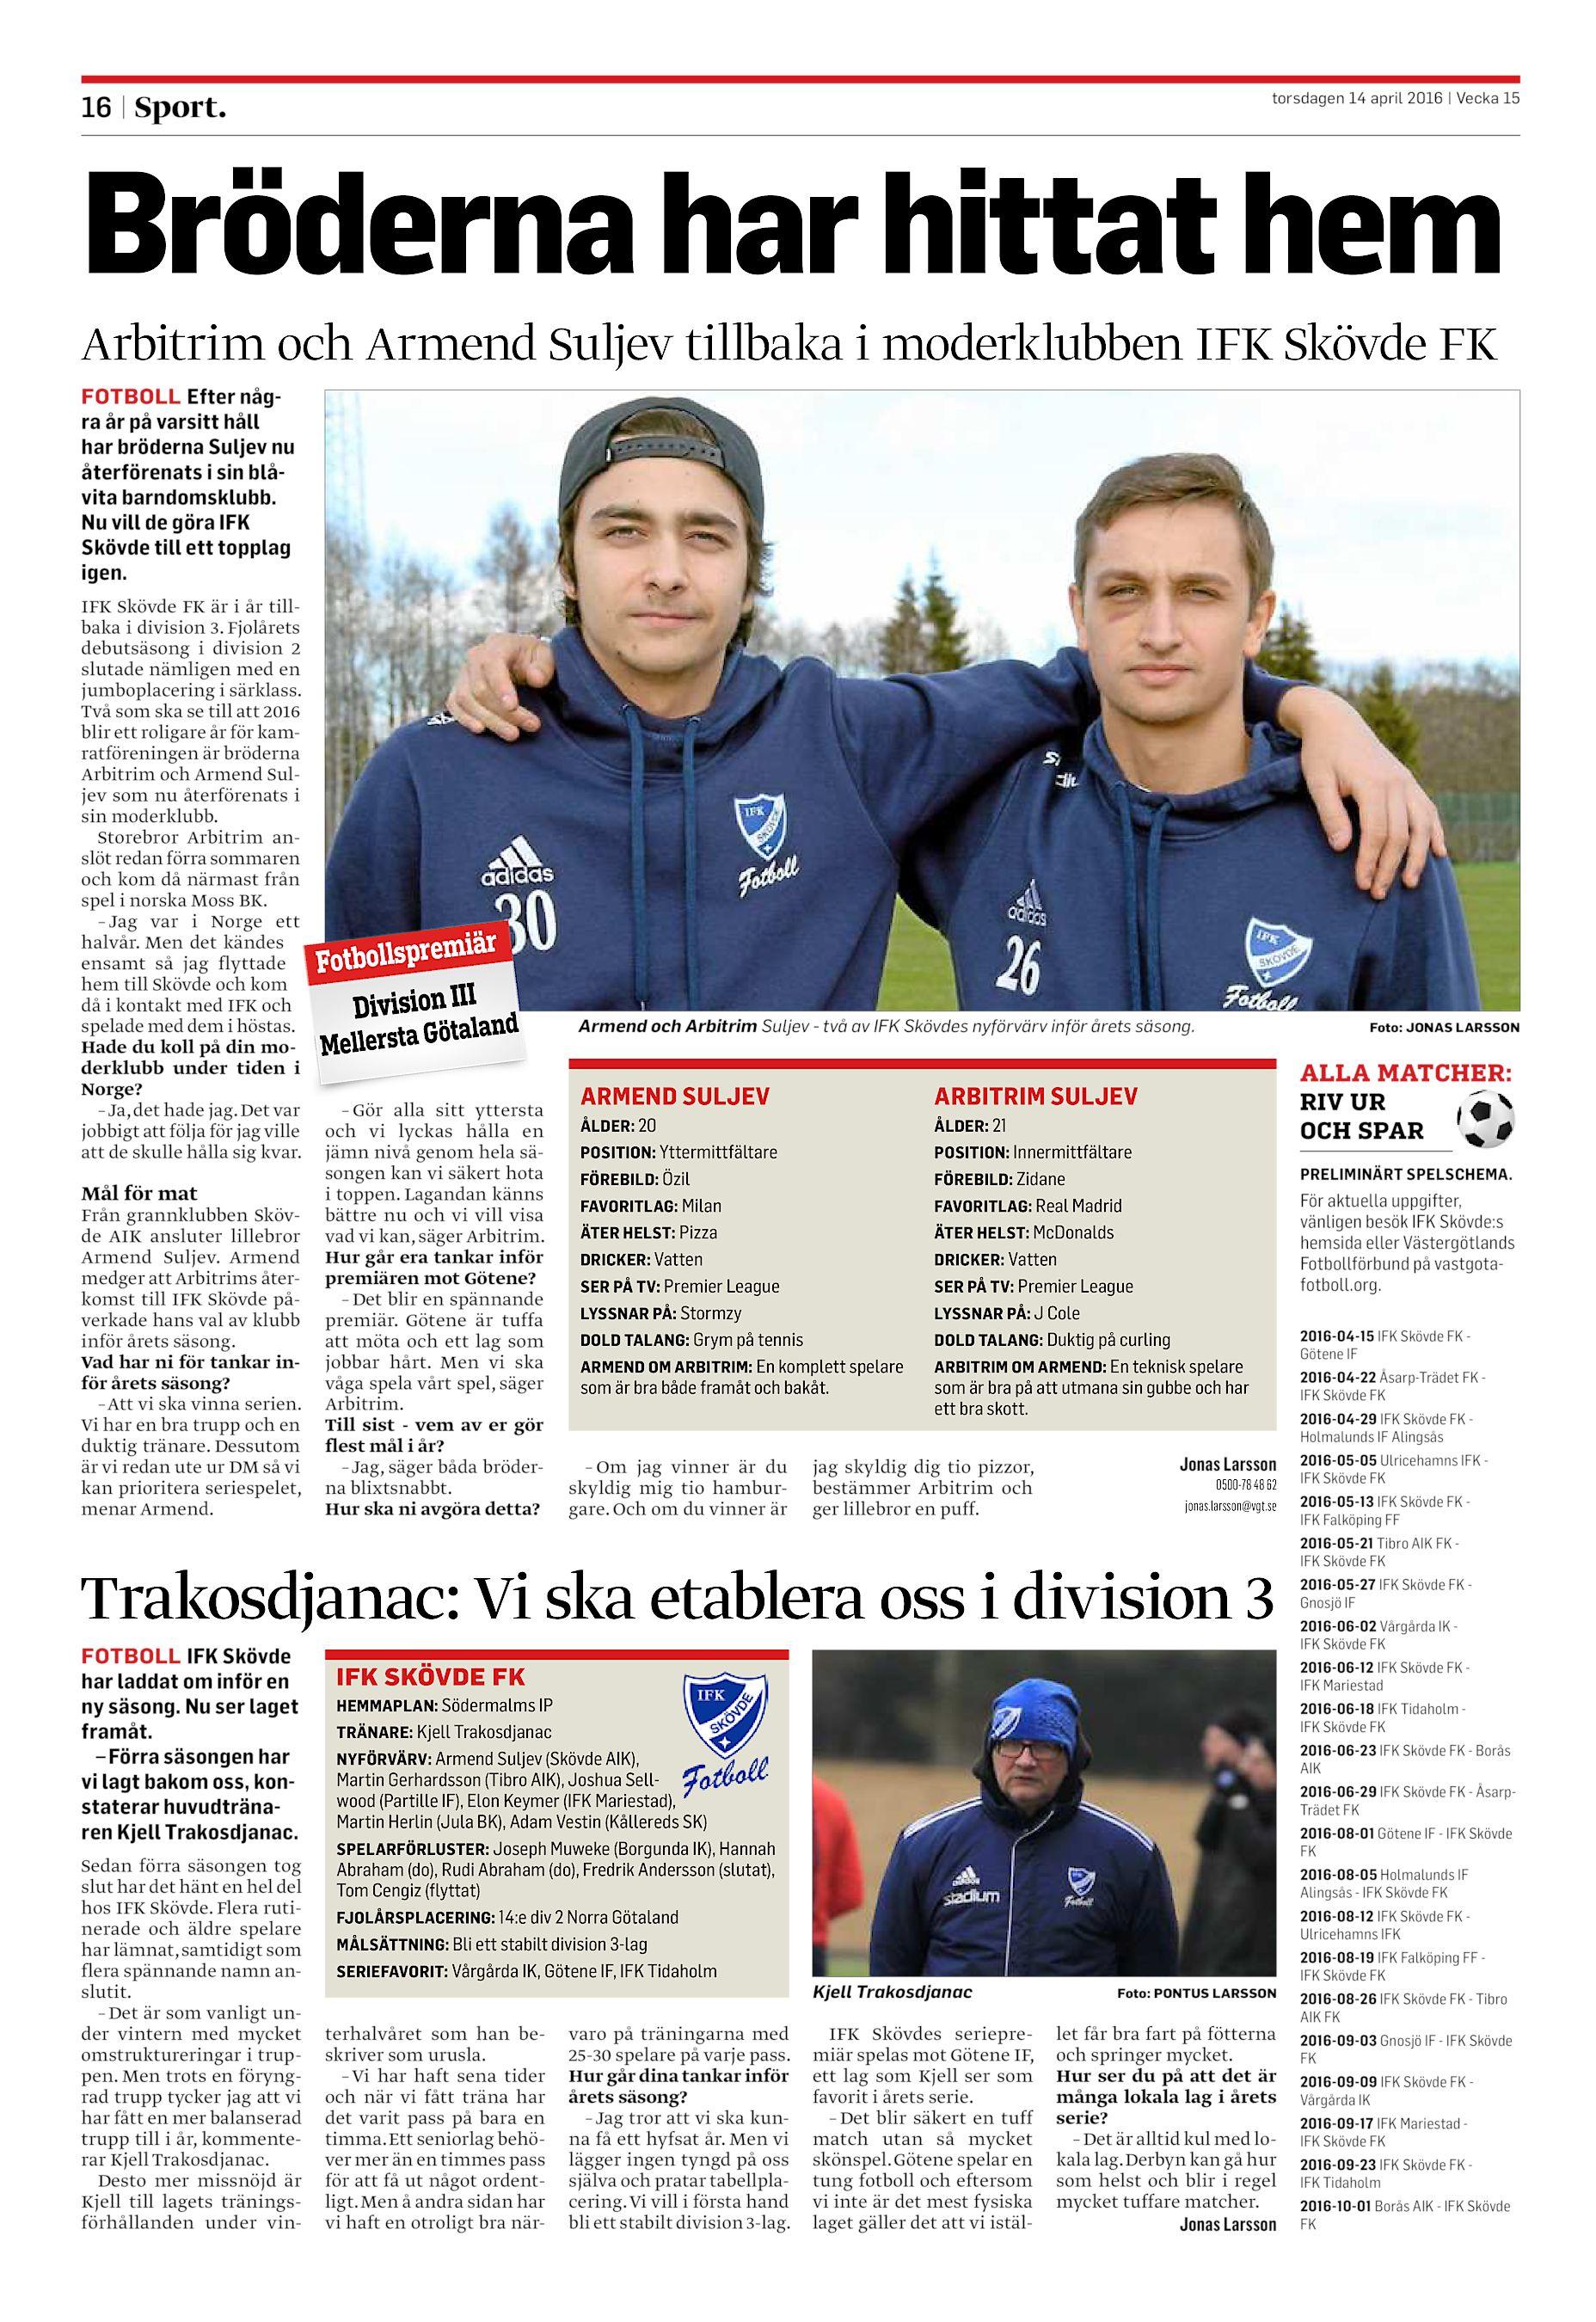 1b819d1999d4 Bröderna har hittat hem Arbitrim och Armend Suljev tillbaka i moderklubben  IFK Skövde FK FOTBOLL Efter några år på varsitt håll har ...